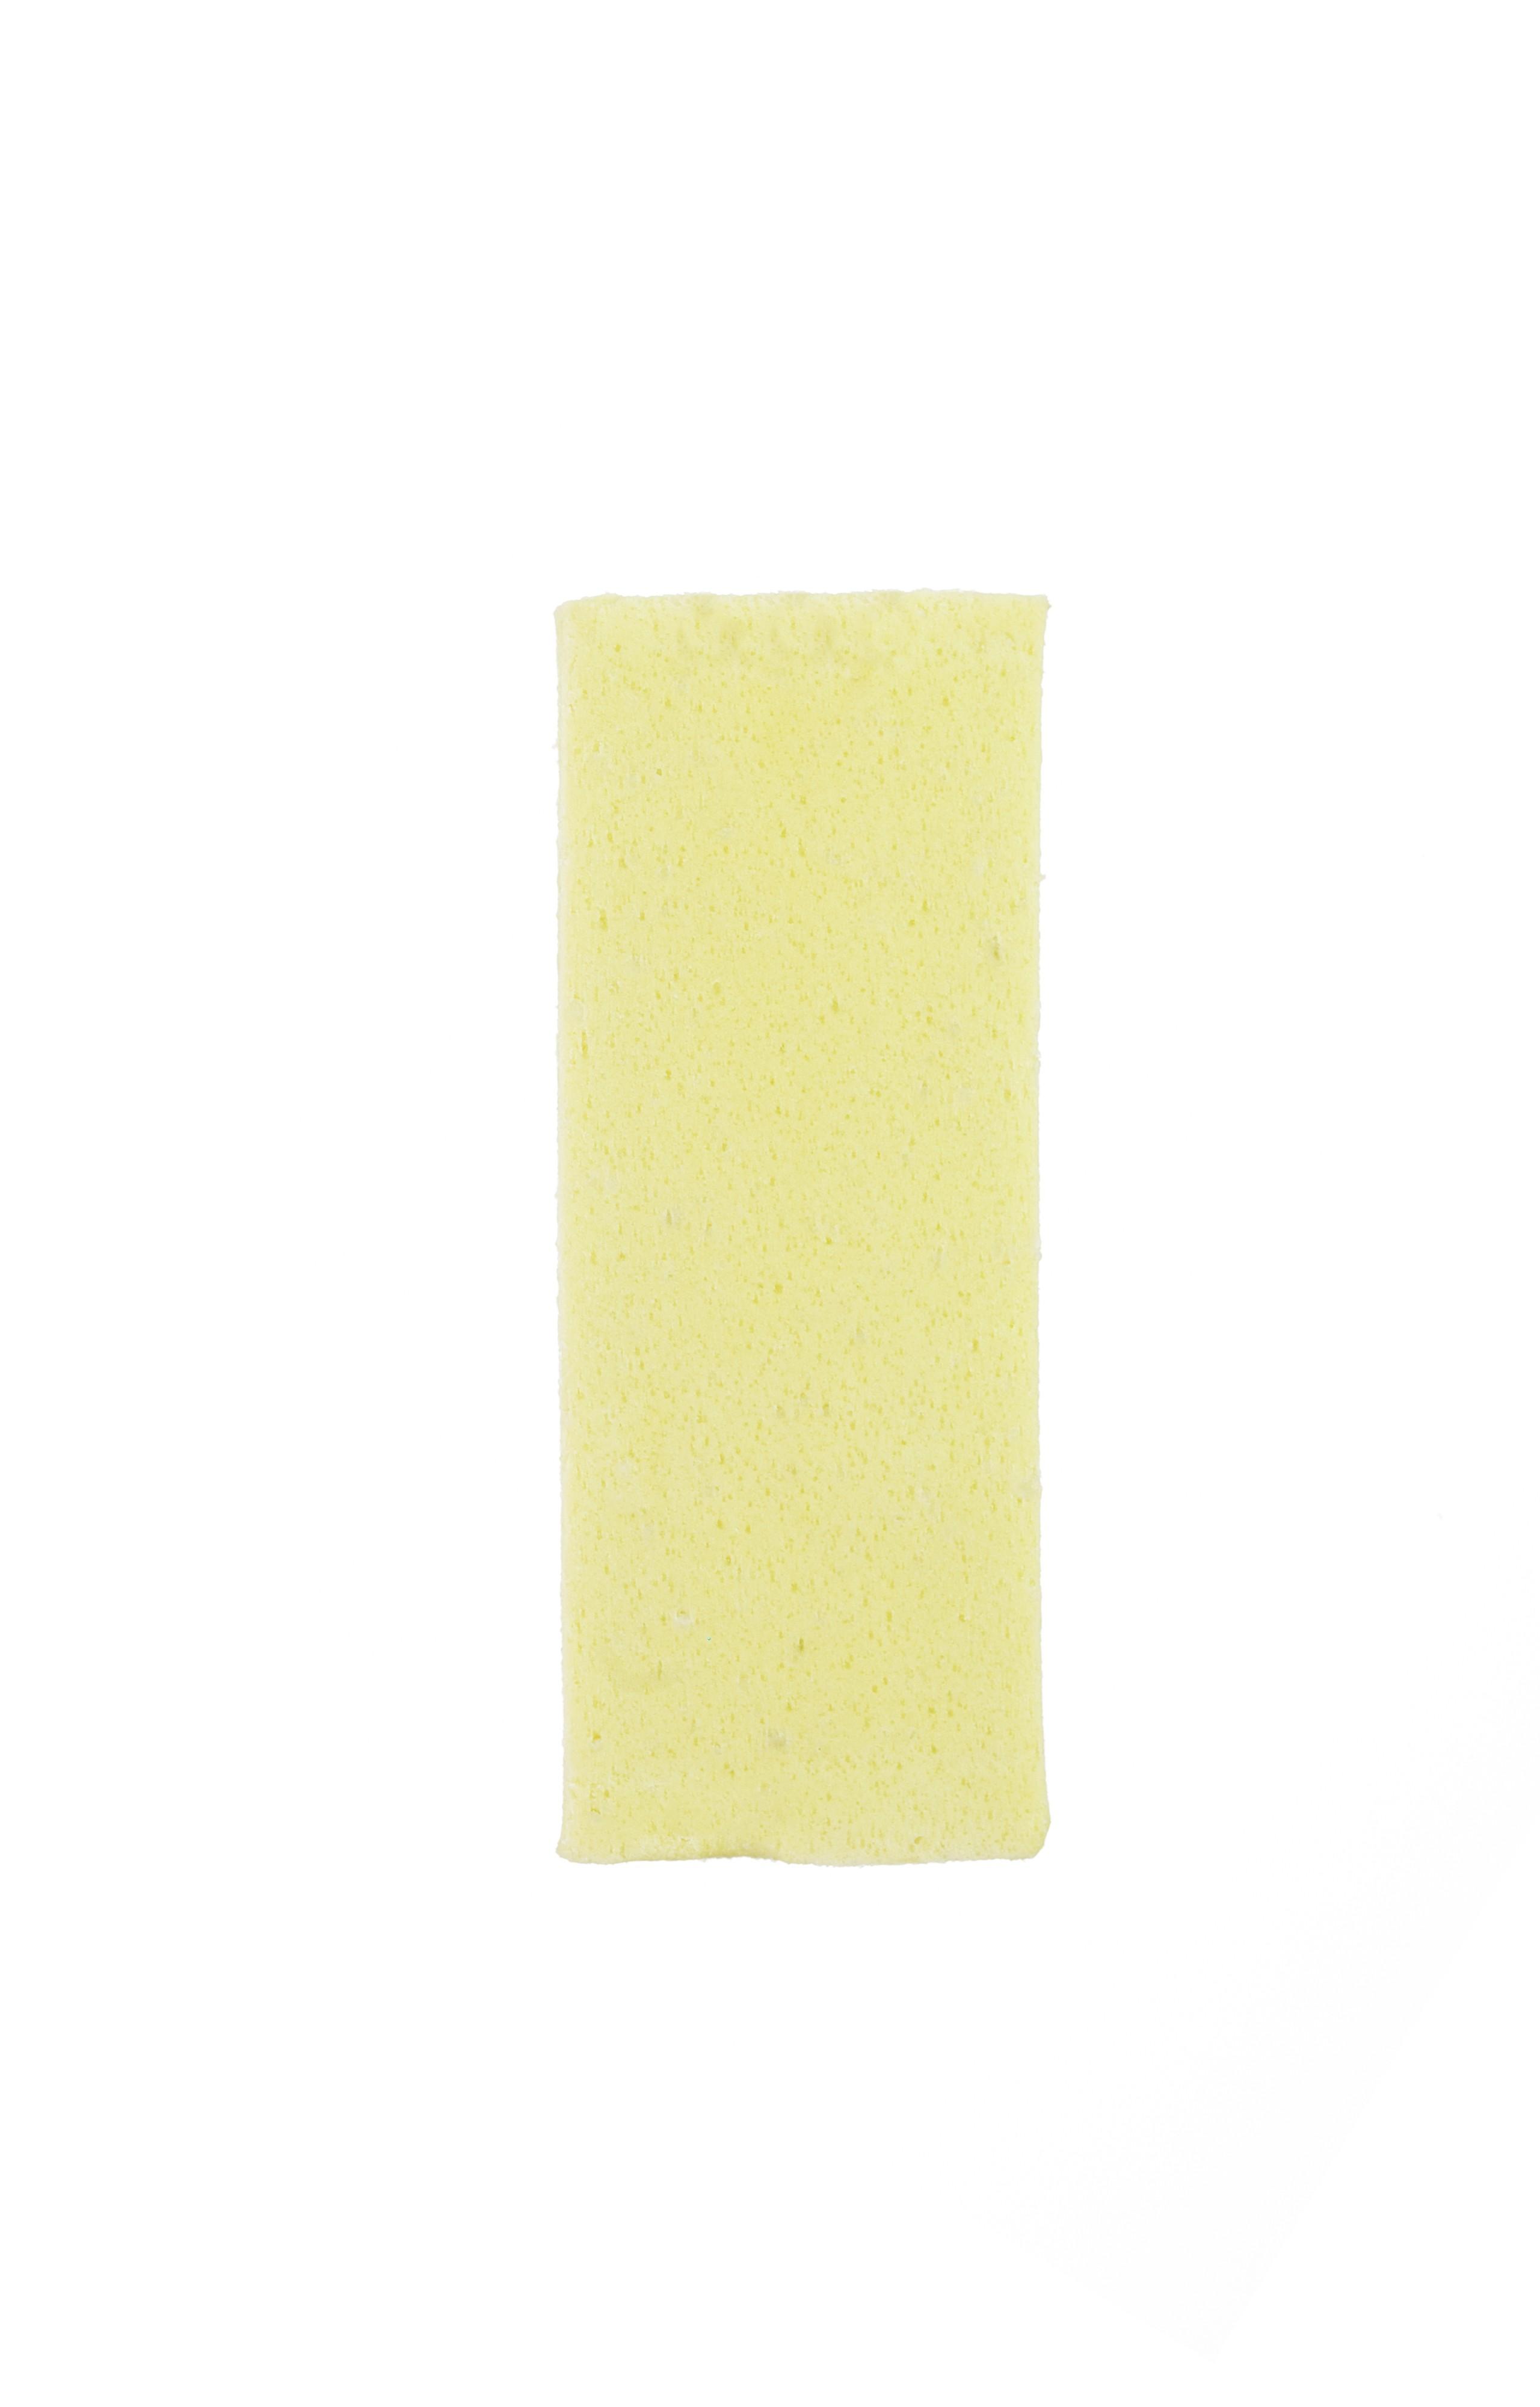 Стикер для очищения унитаза Domestos Лимонная свежесть обеспечивает чистоту, свежесть и гигиену до 450 смываний. Уничтожает неприятные запахи. Удобство: Наклеил – и больше не нужно трогать руками! В отличие от блоков, которые нужно утилизировать, полностью смывается. Освежающий запах лимона.